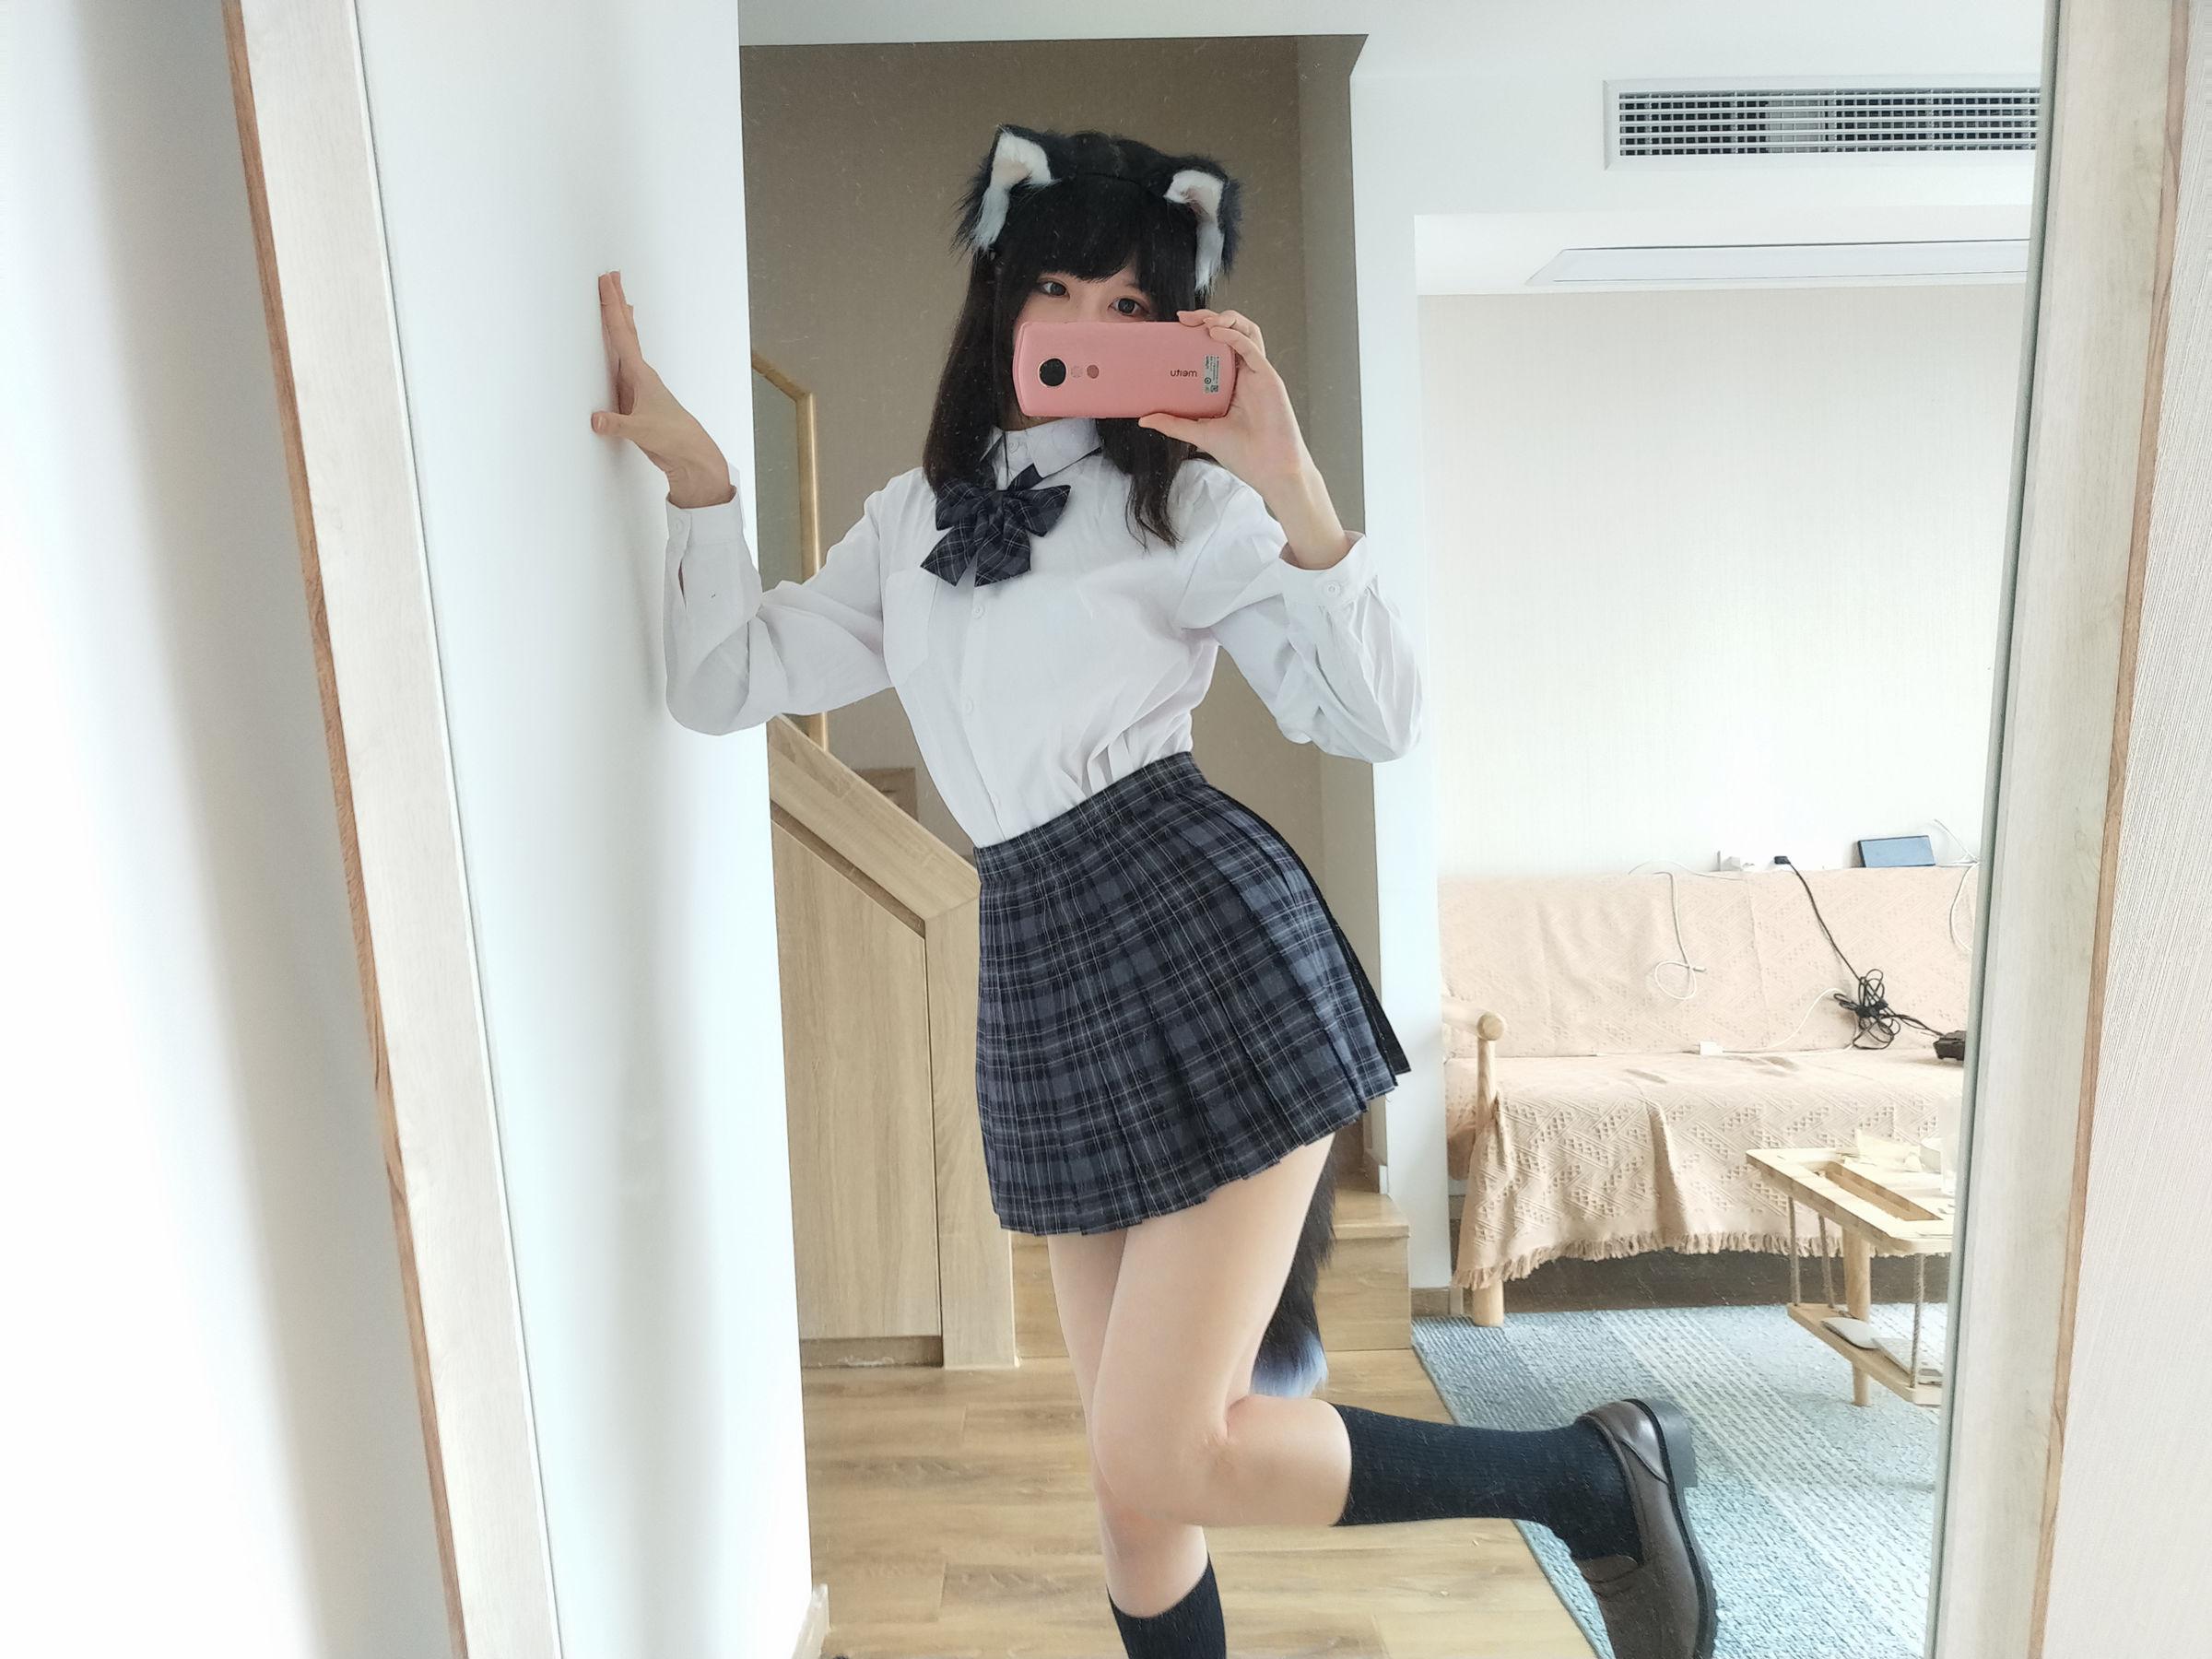 VOL.747 [网络美女]猫女郎:魔物喵(NAGISA魔物喵)超高清写真套图(25P)